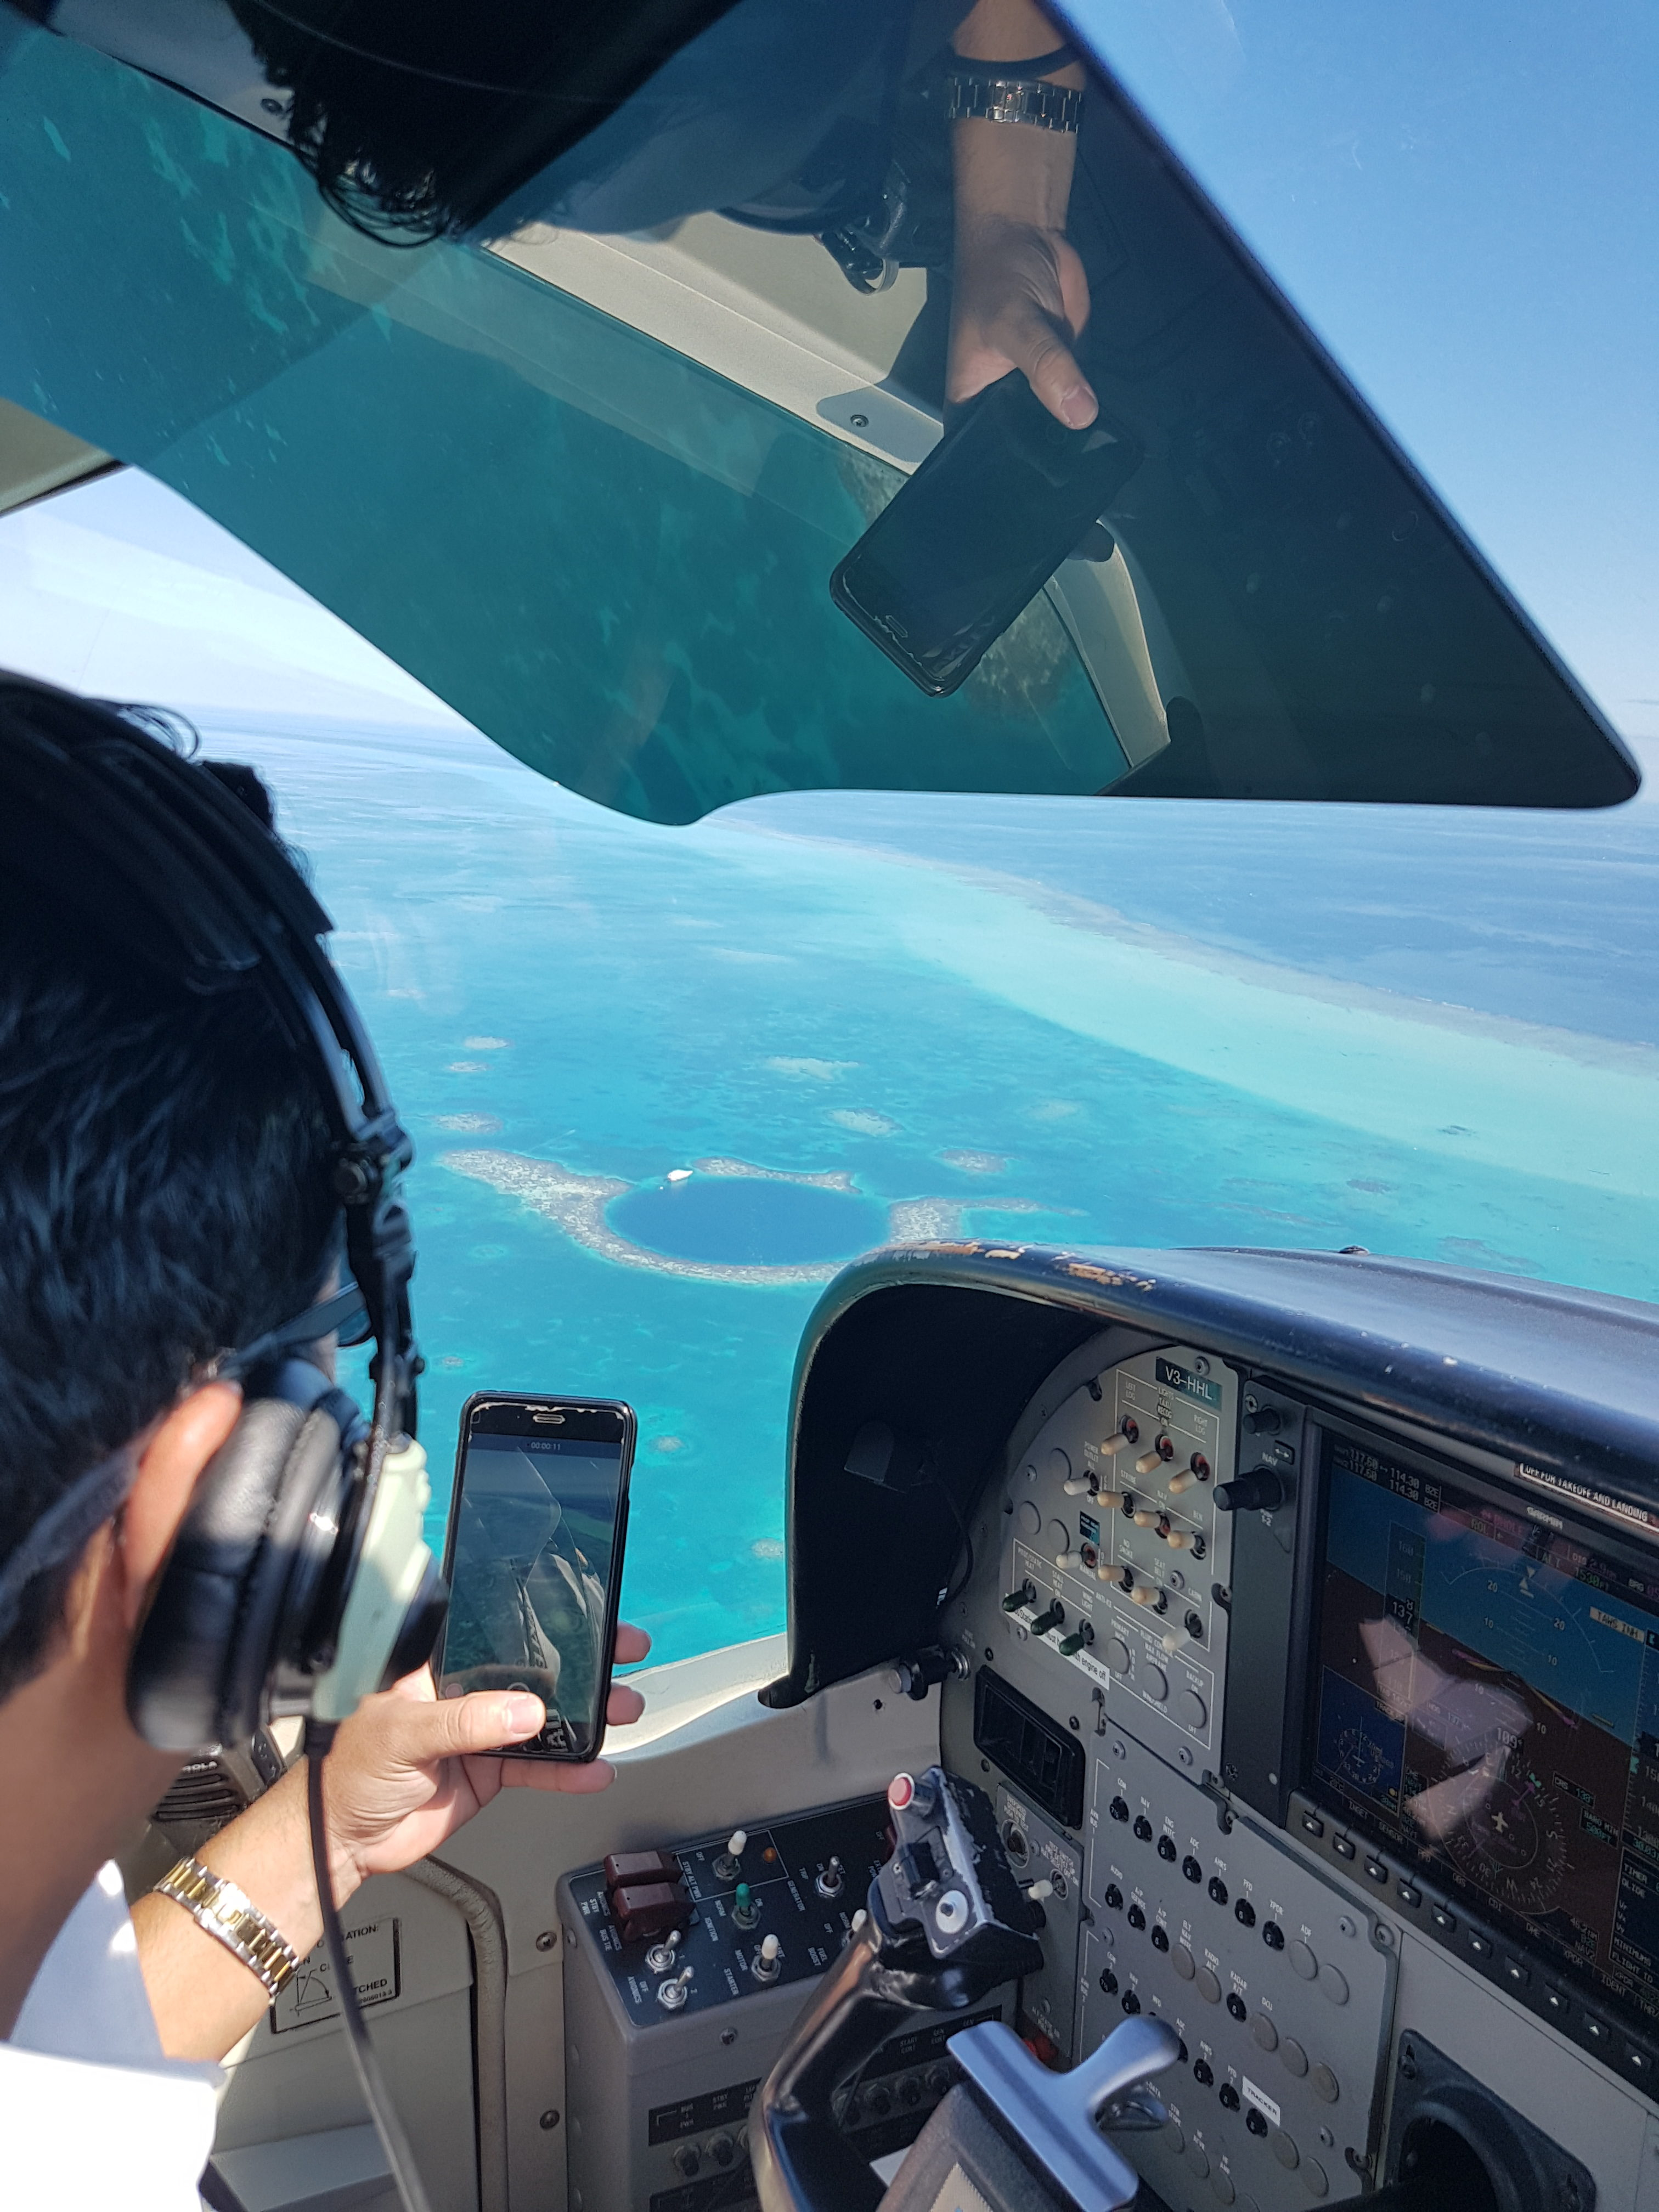 Pilot on social media